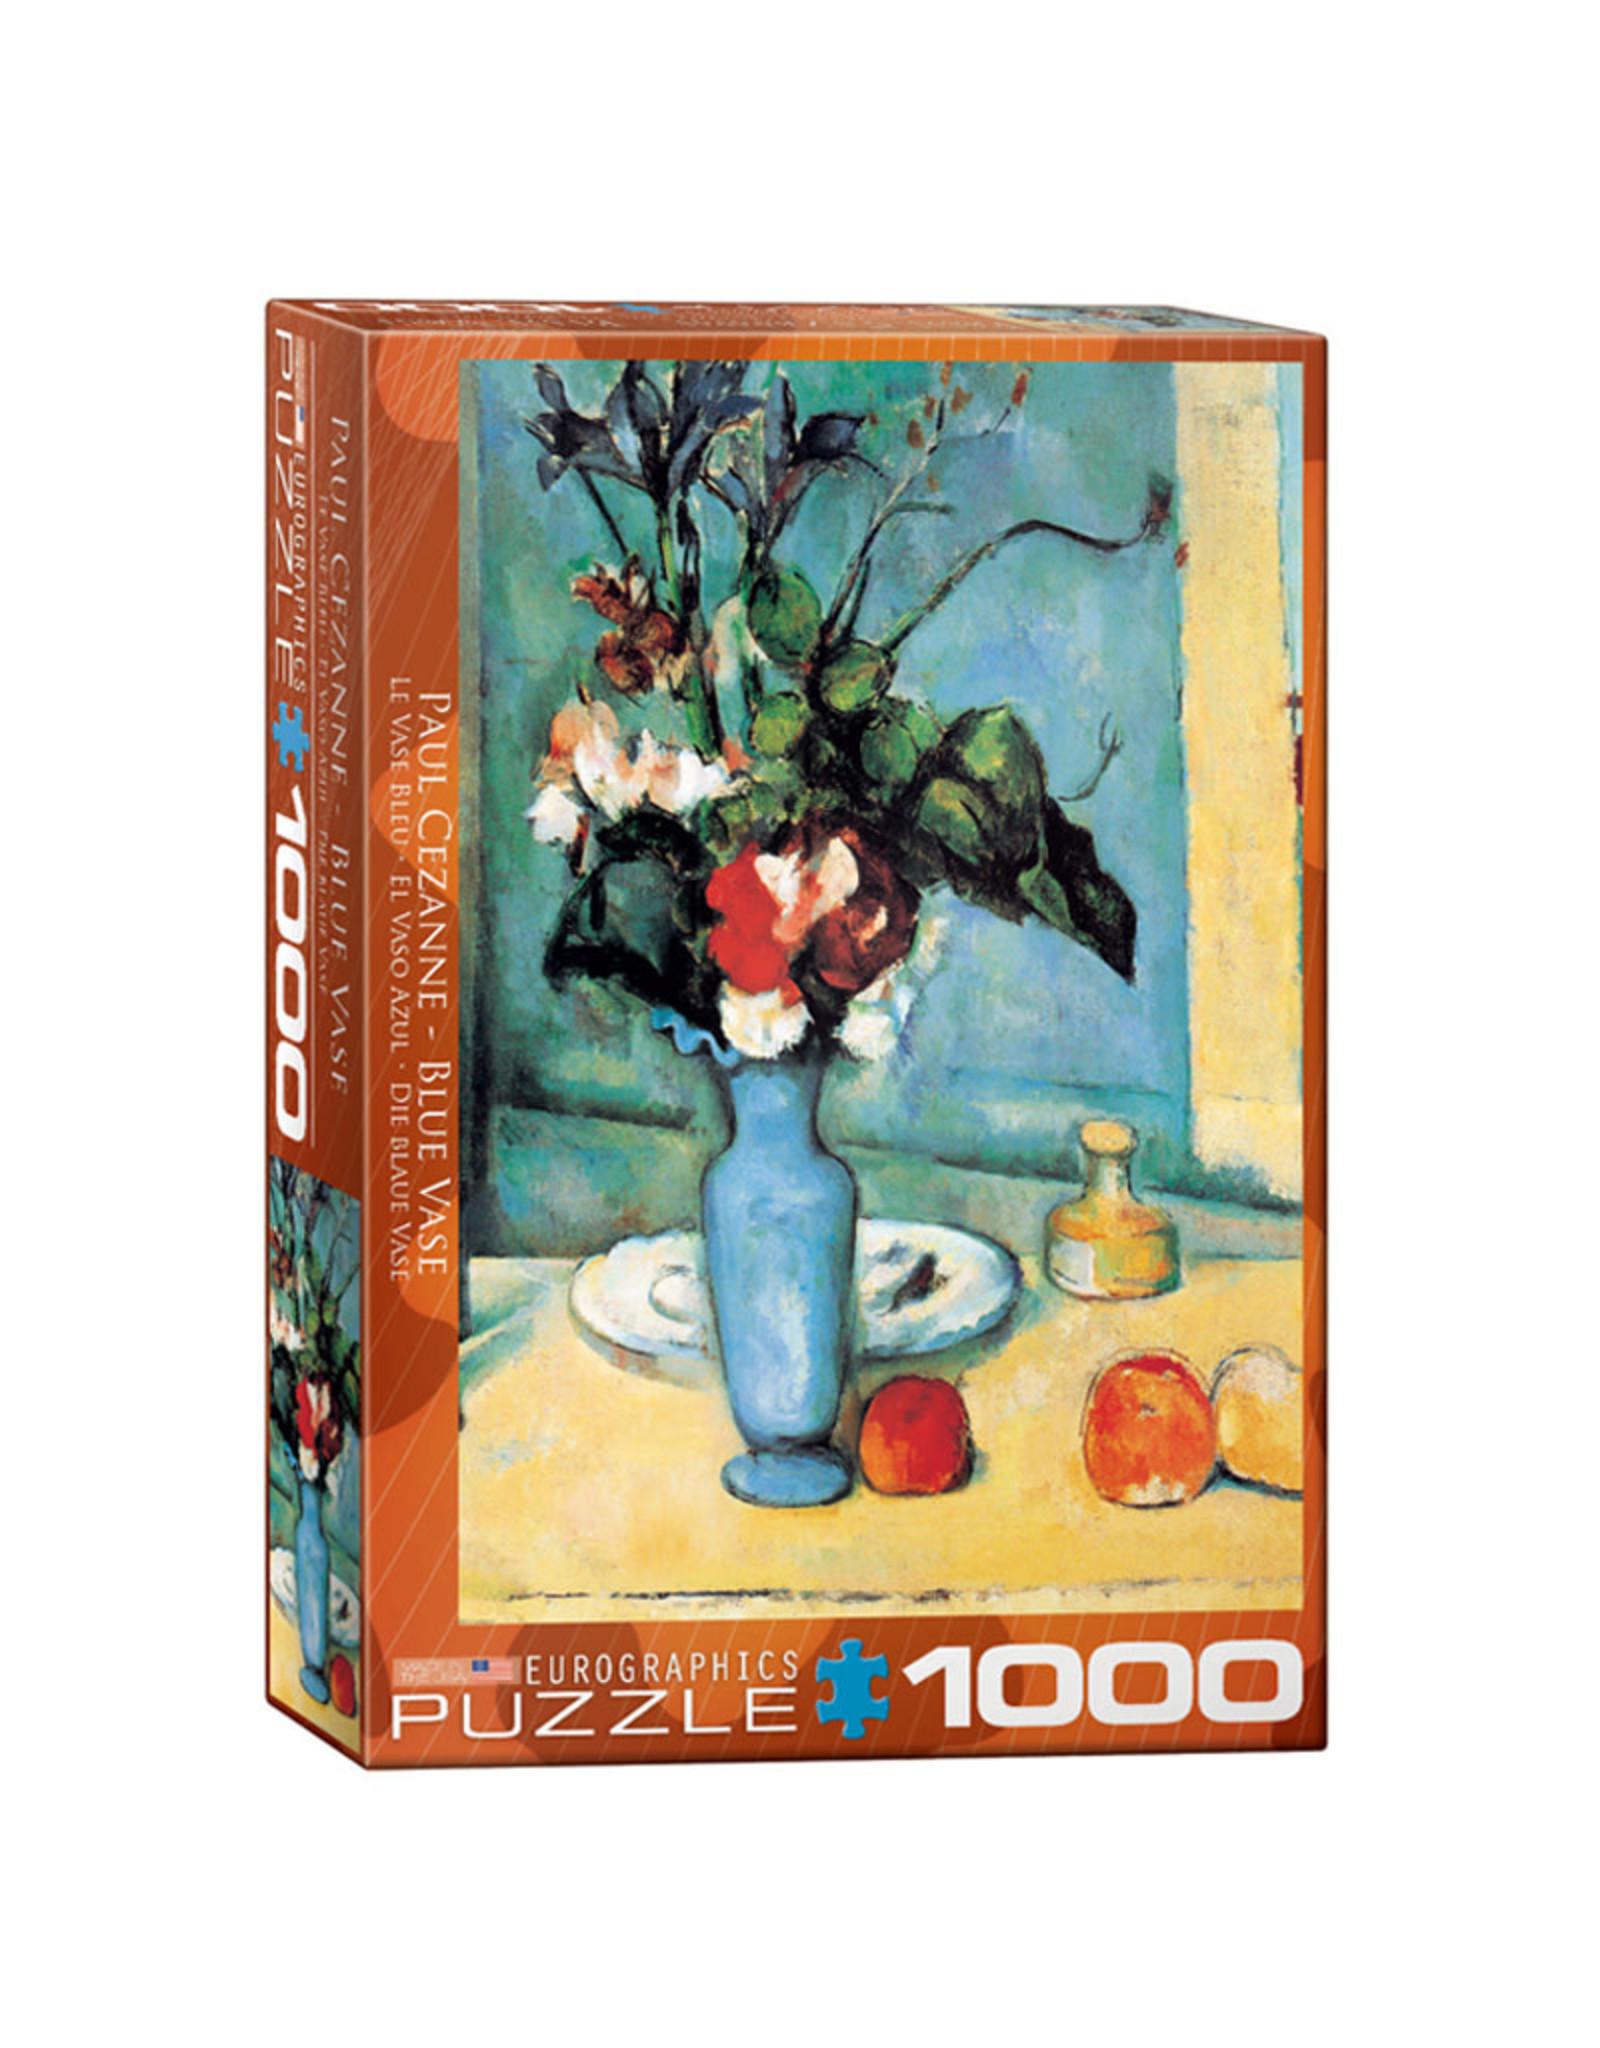 Eurographics Blue Vase Puzzle 1000 PCS (Cezanne)